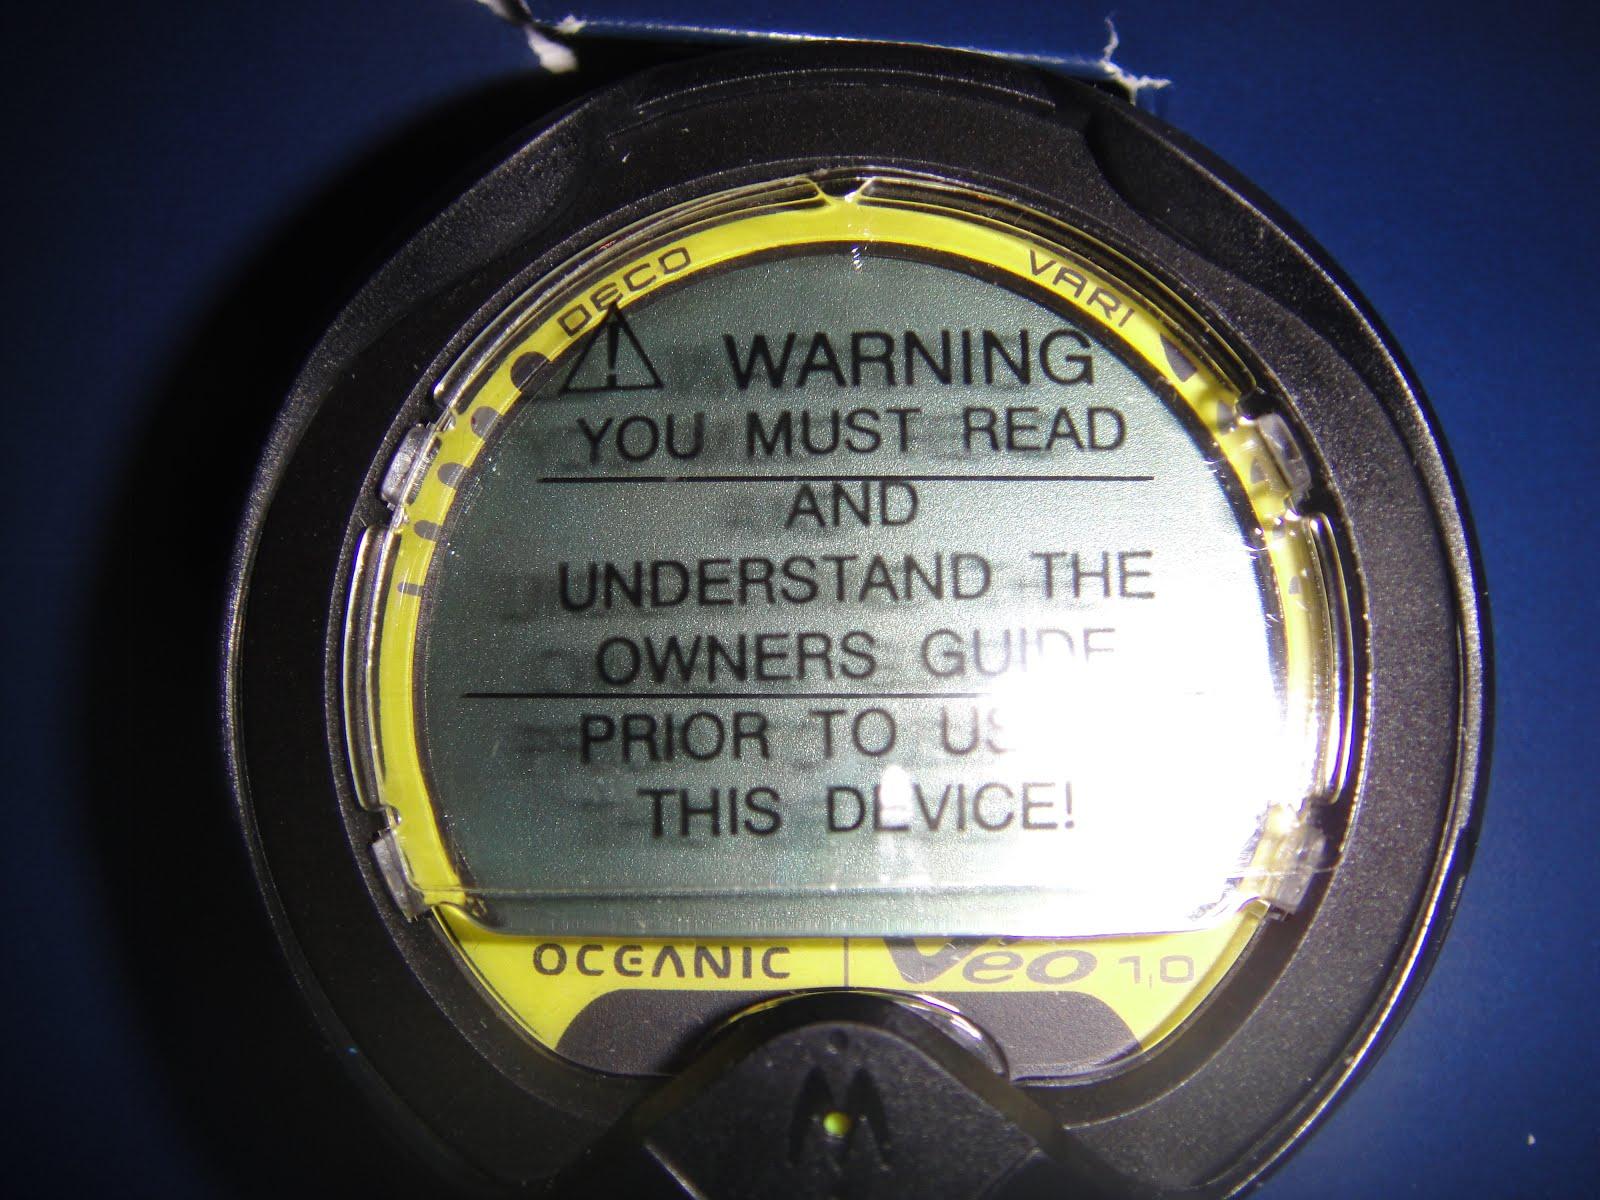 Πωλείται καινούργιο καταδυτικό κομπιούτερ Oceanic Veo 1 για χρήση με αέρα ή Nitrox τιμή:185 ευρώ